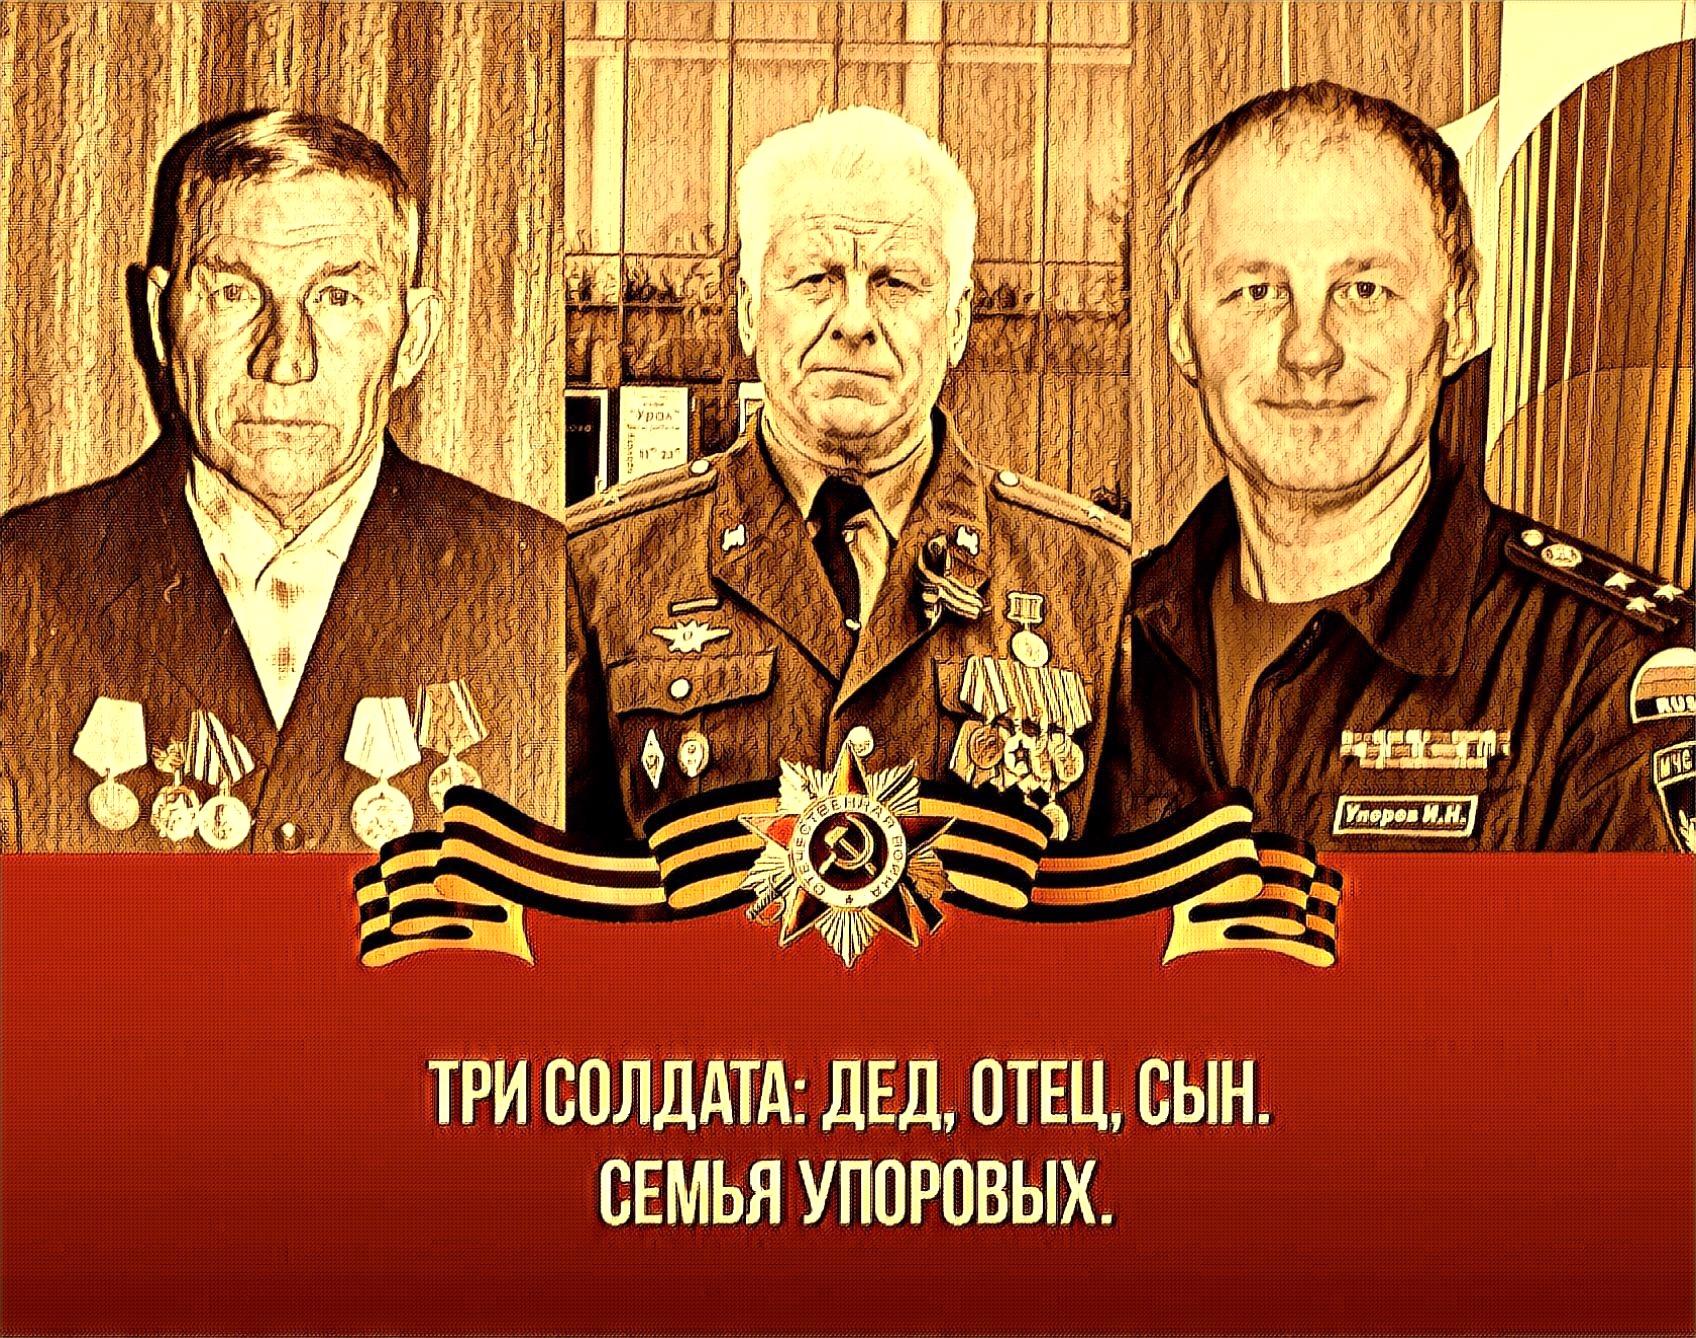 С днем - ПОБЕДЫ! Мы - ПОБЕДИЛИ! Слава советскому народу!